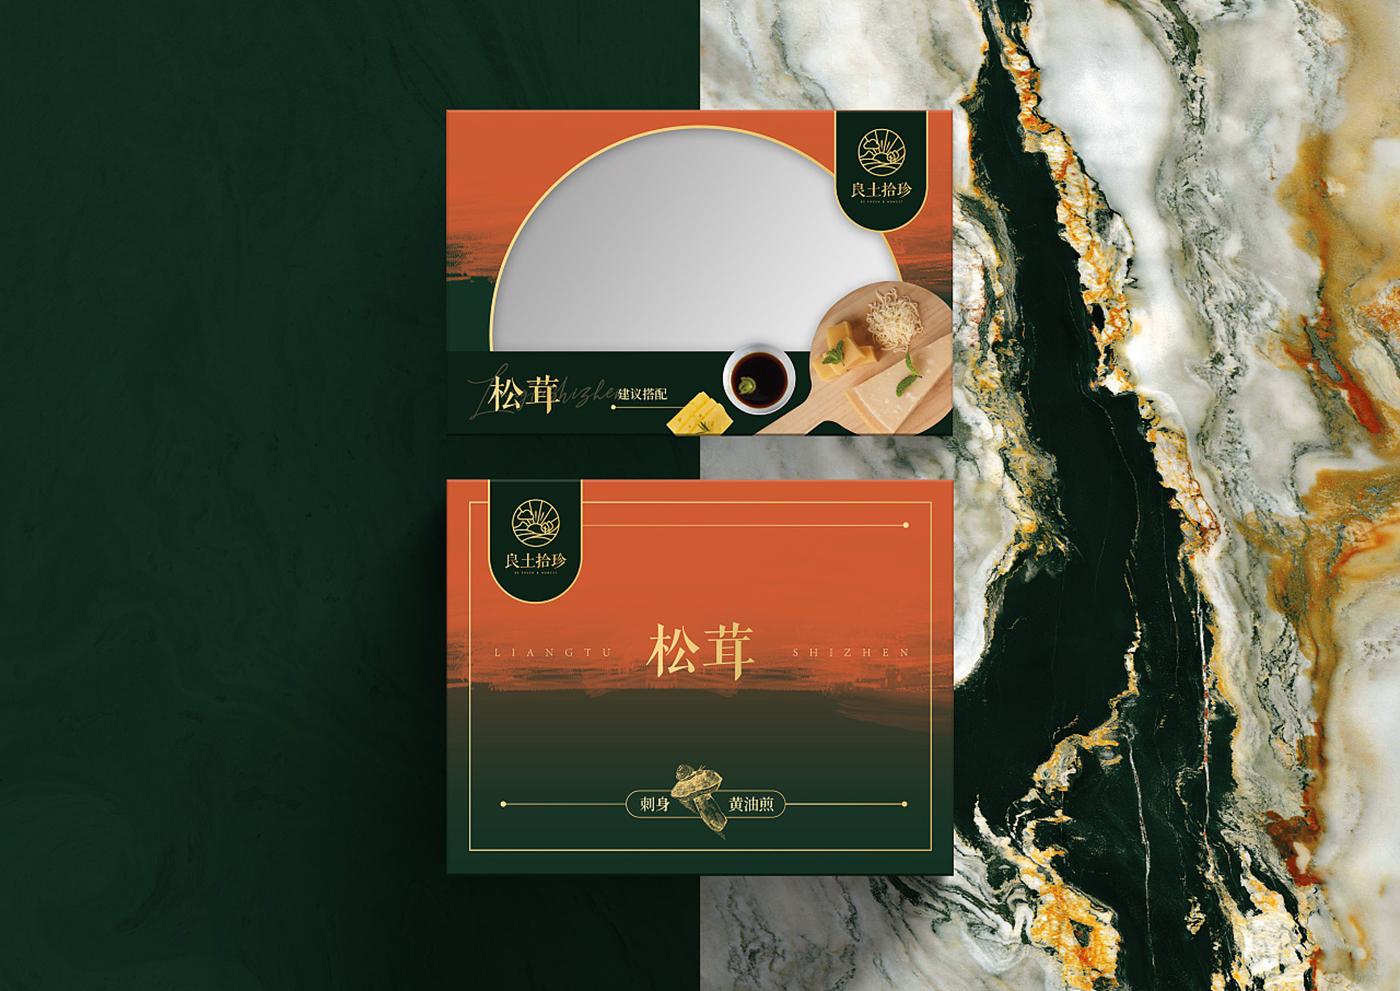 《良土拾珍》菌菇农产品包装设计图2